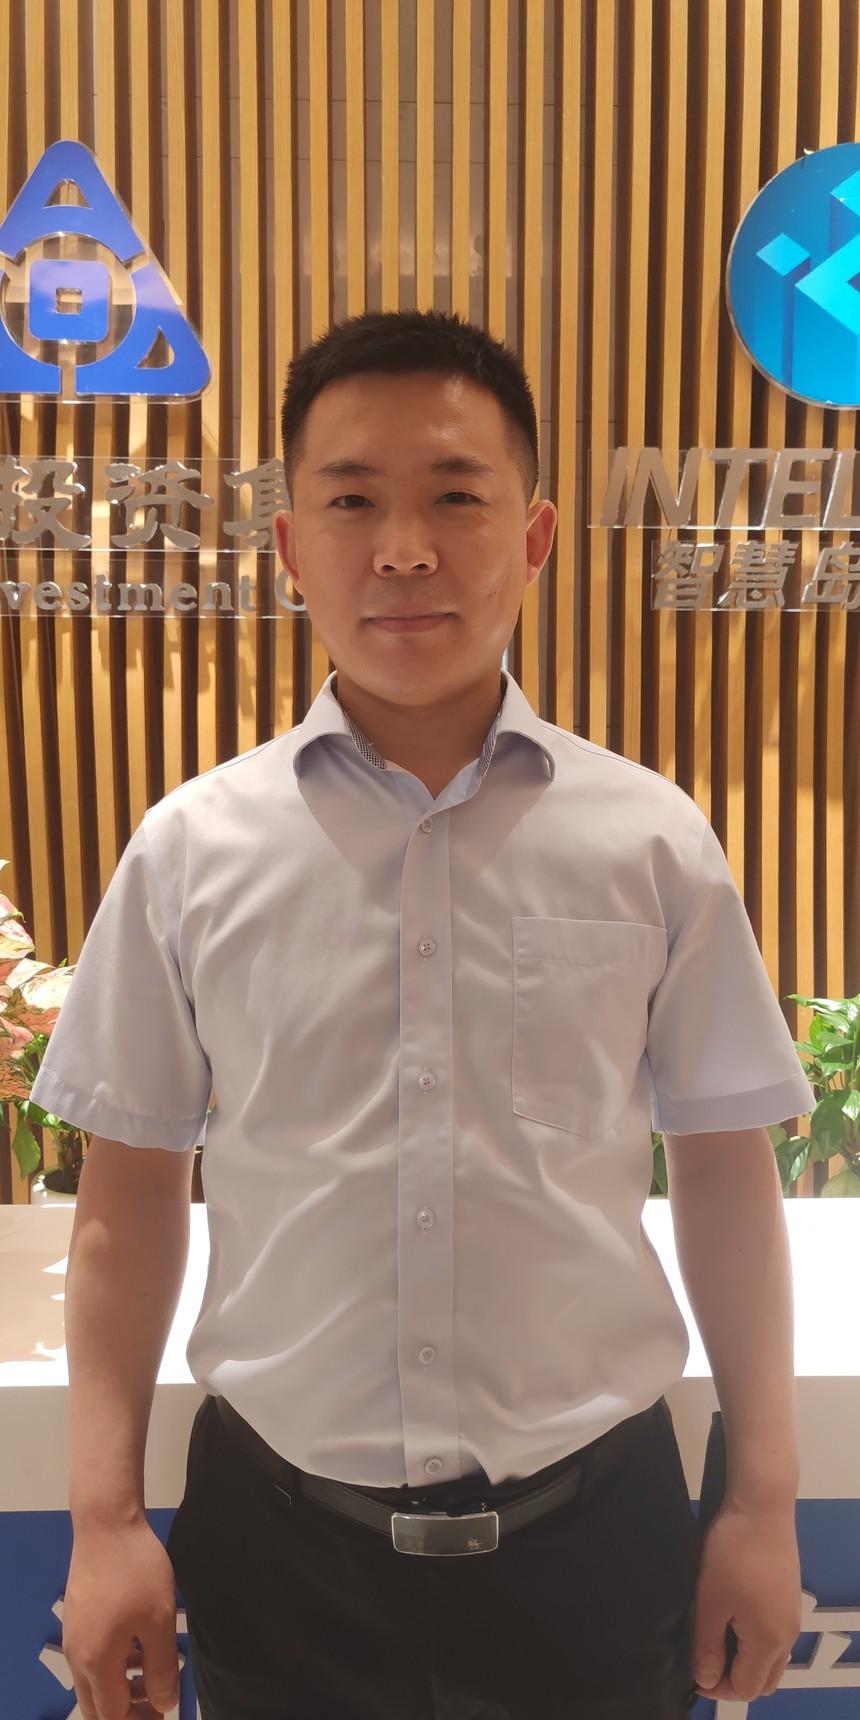 图为:河南信息产业投资有限公司 智慧数据运营总监 王智豪.jpg